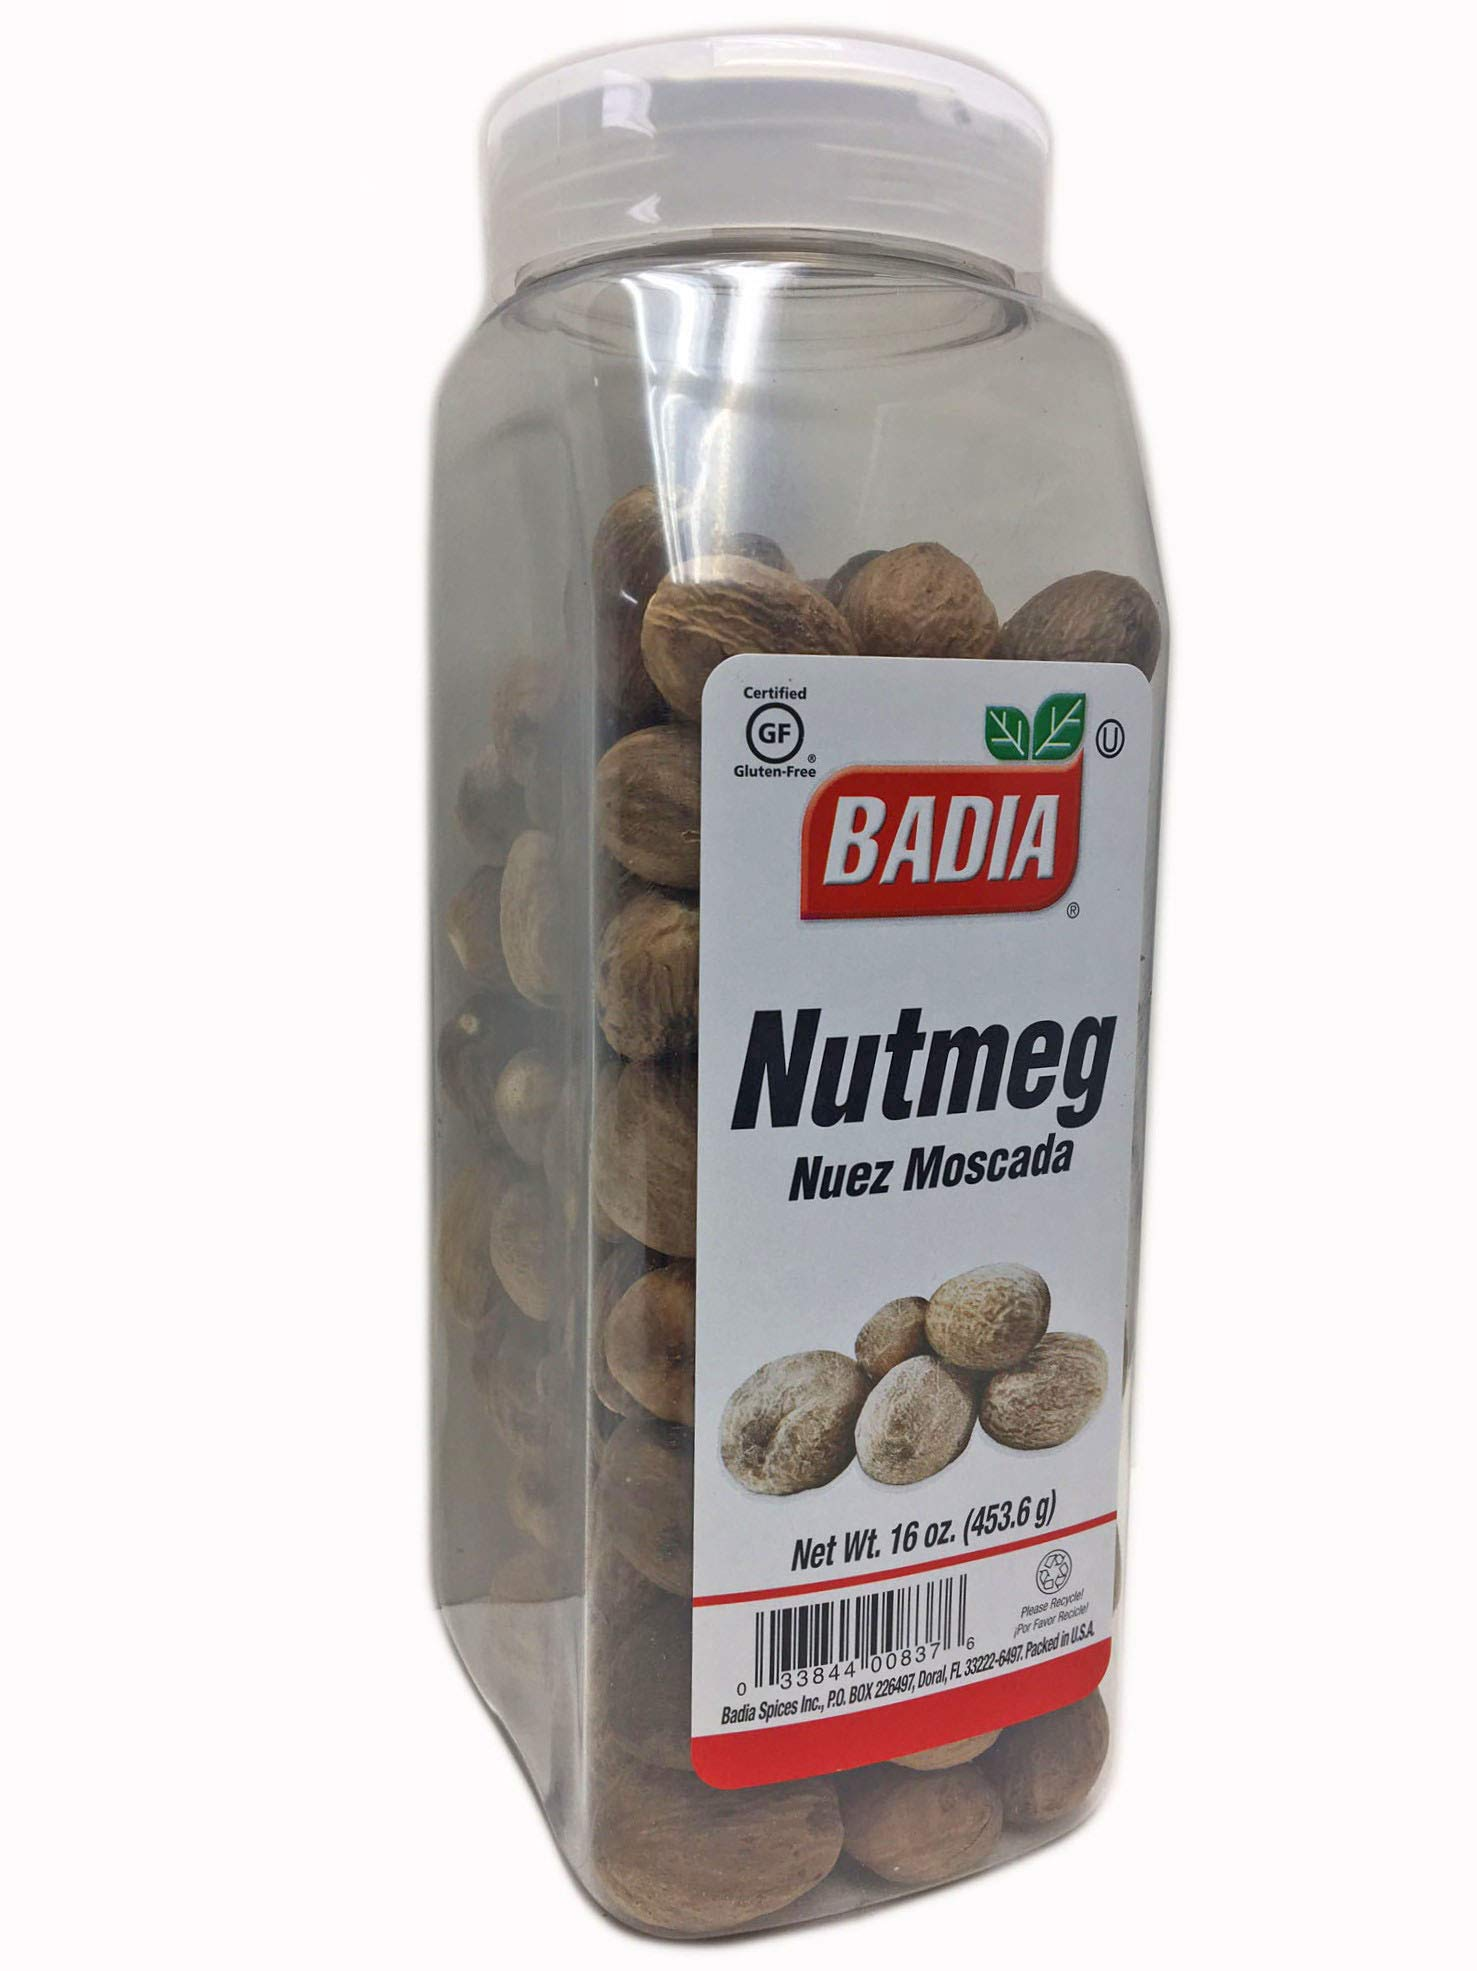 2 Pack Whole Nutmeg/Nuez Moscada Entera Kosher 2x16 oz